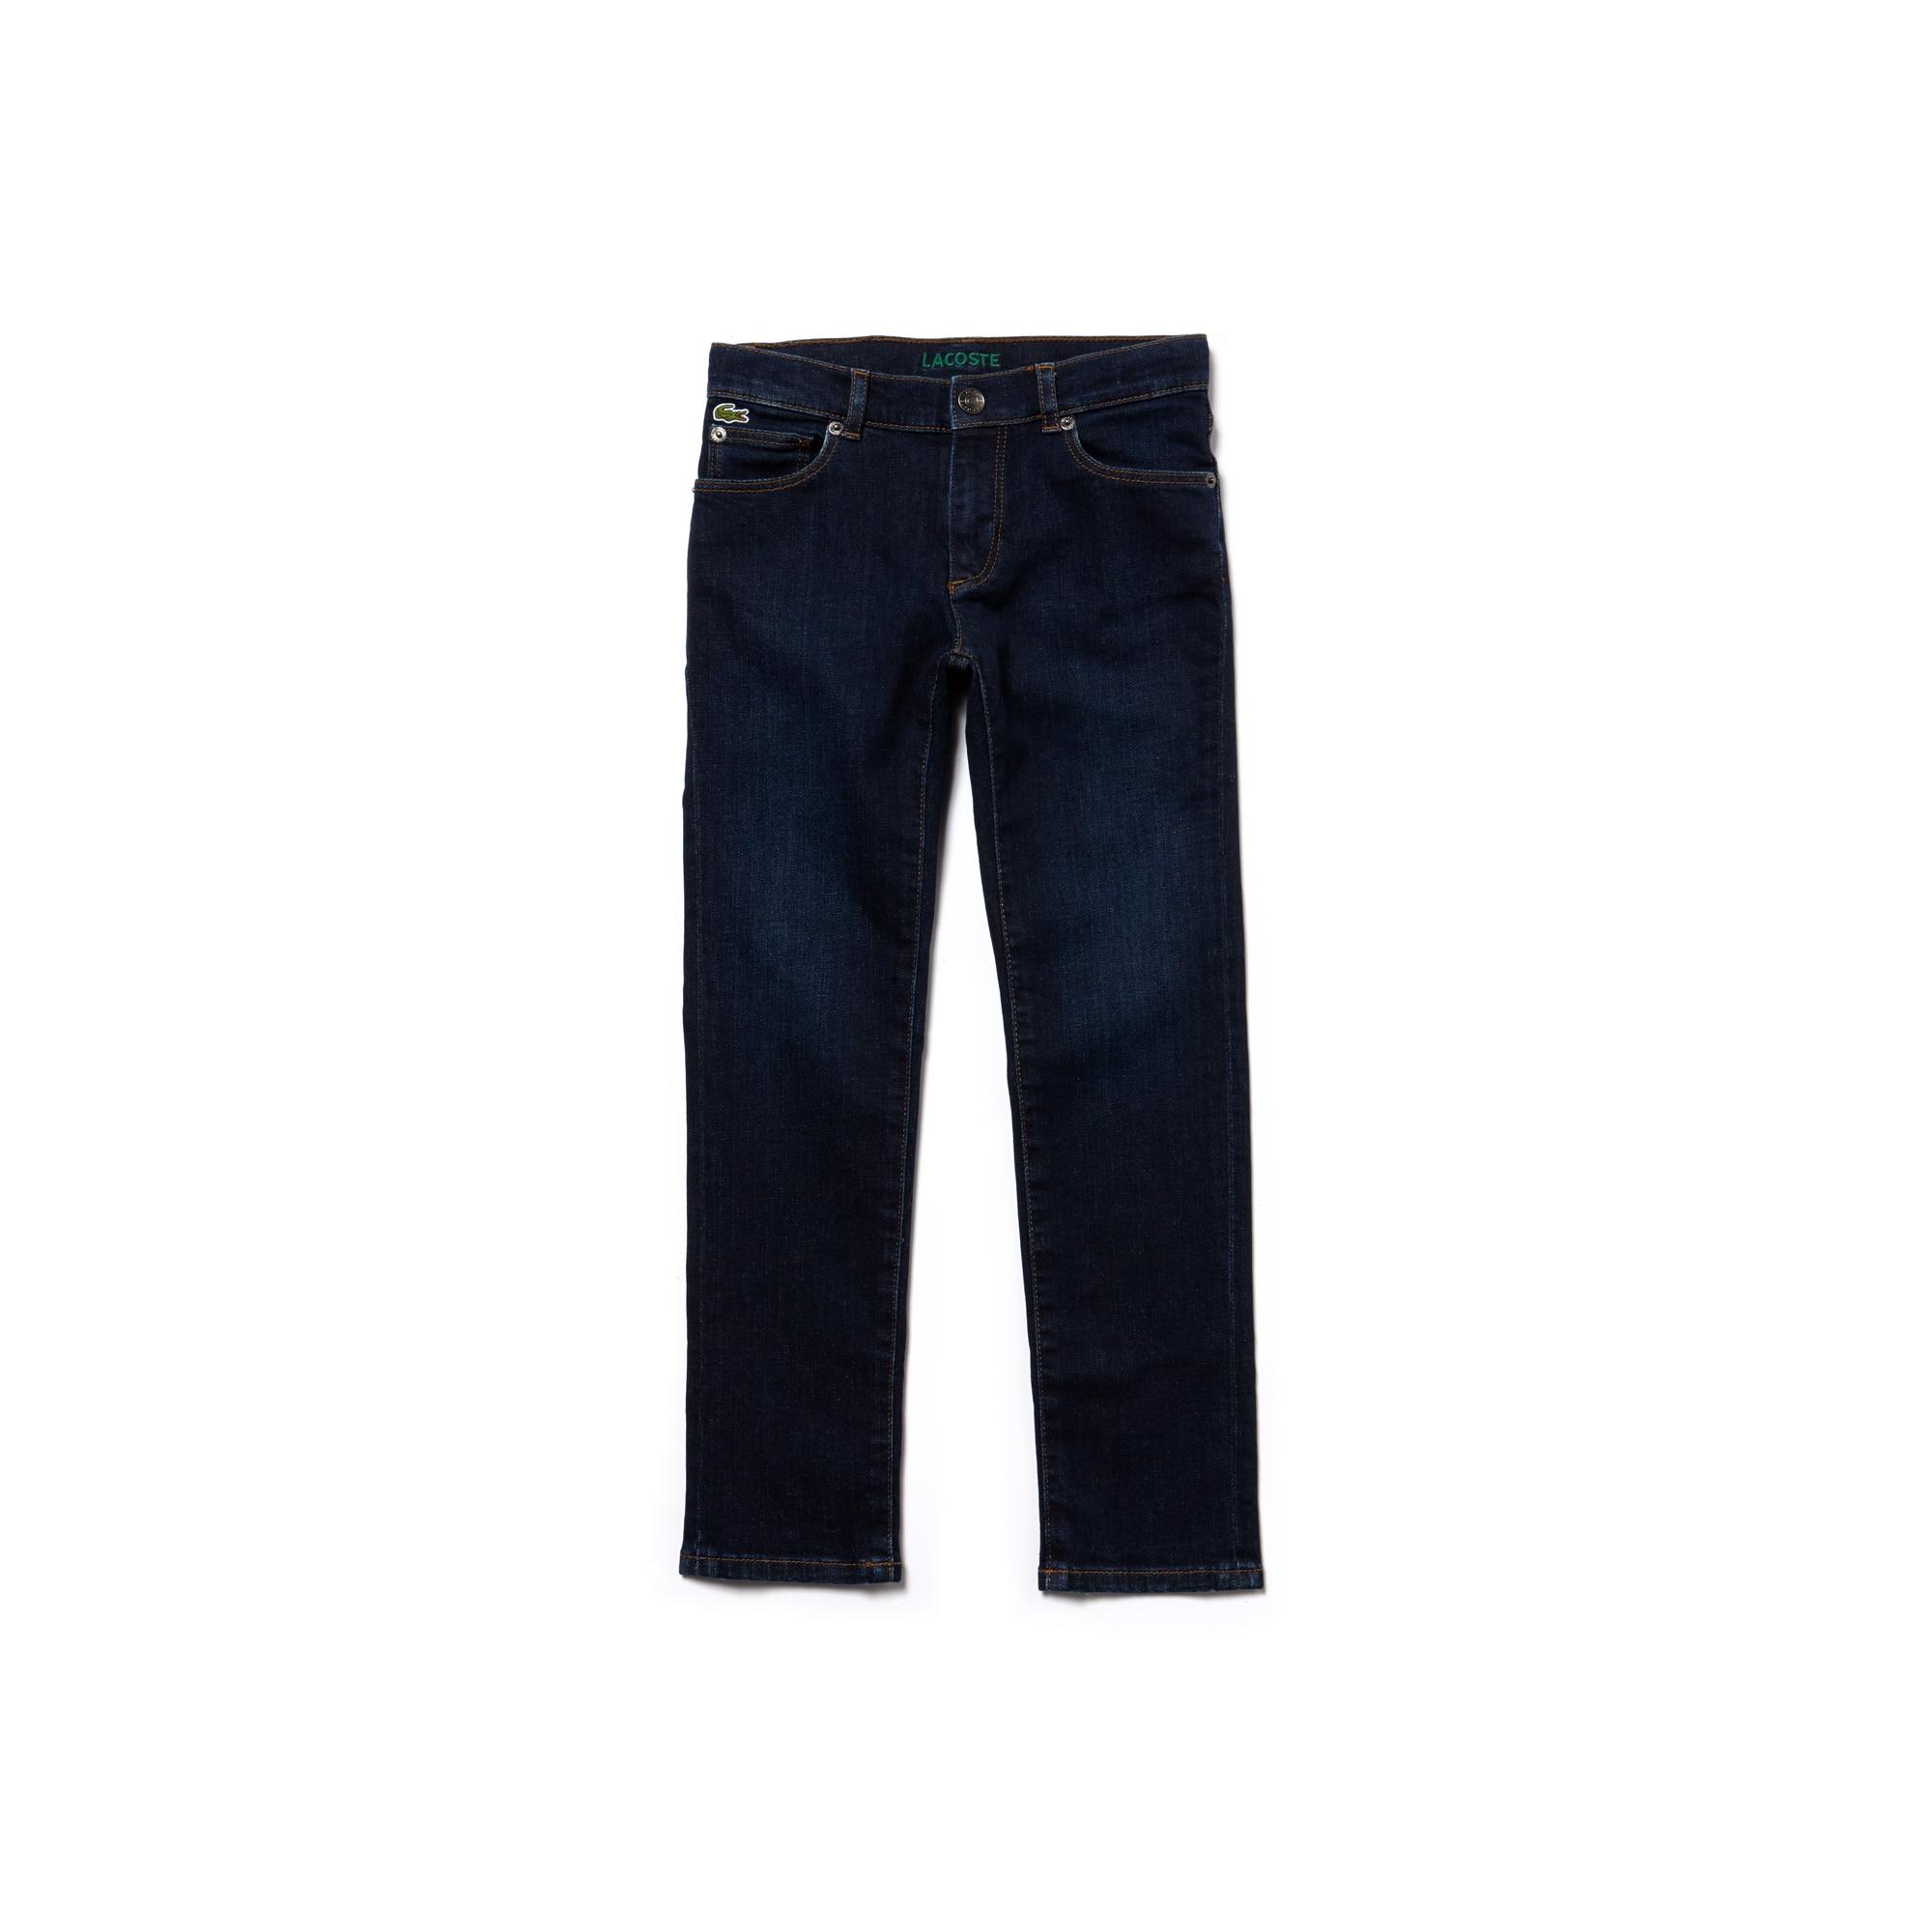 Jeans kinderen van denim katoen